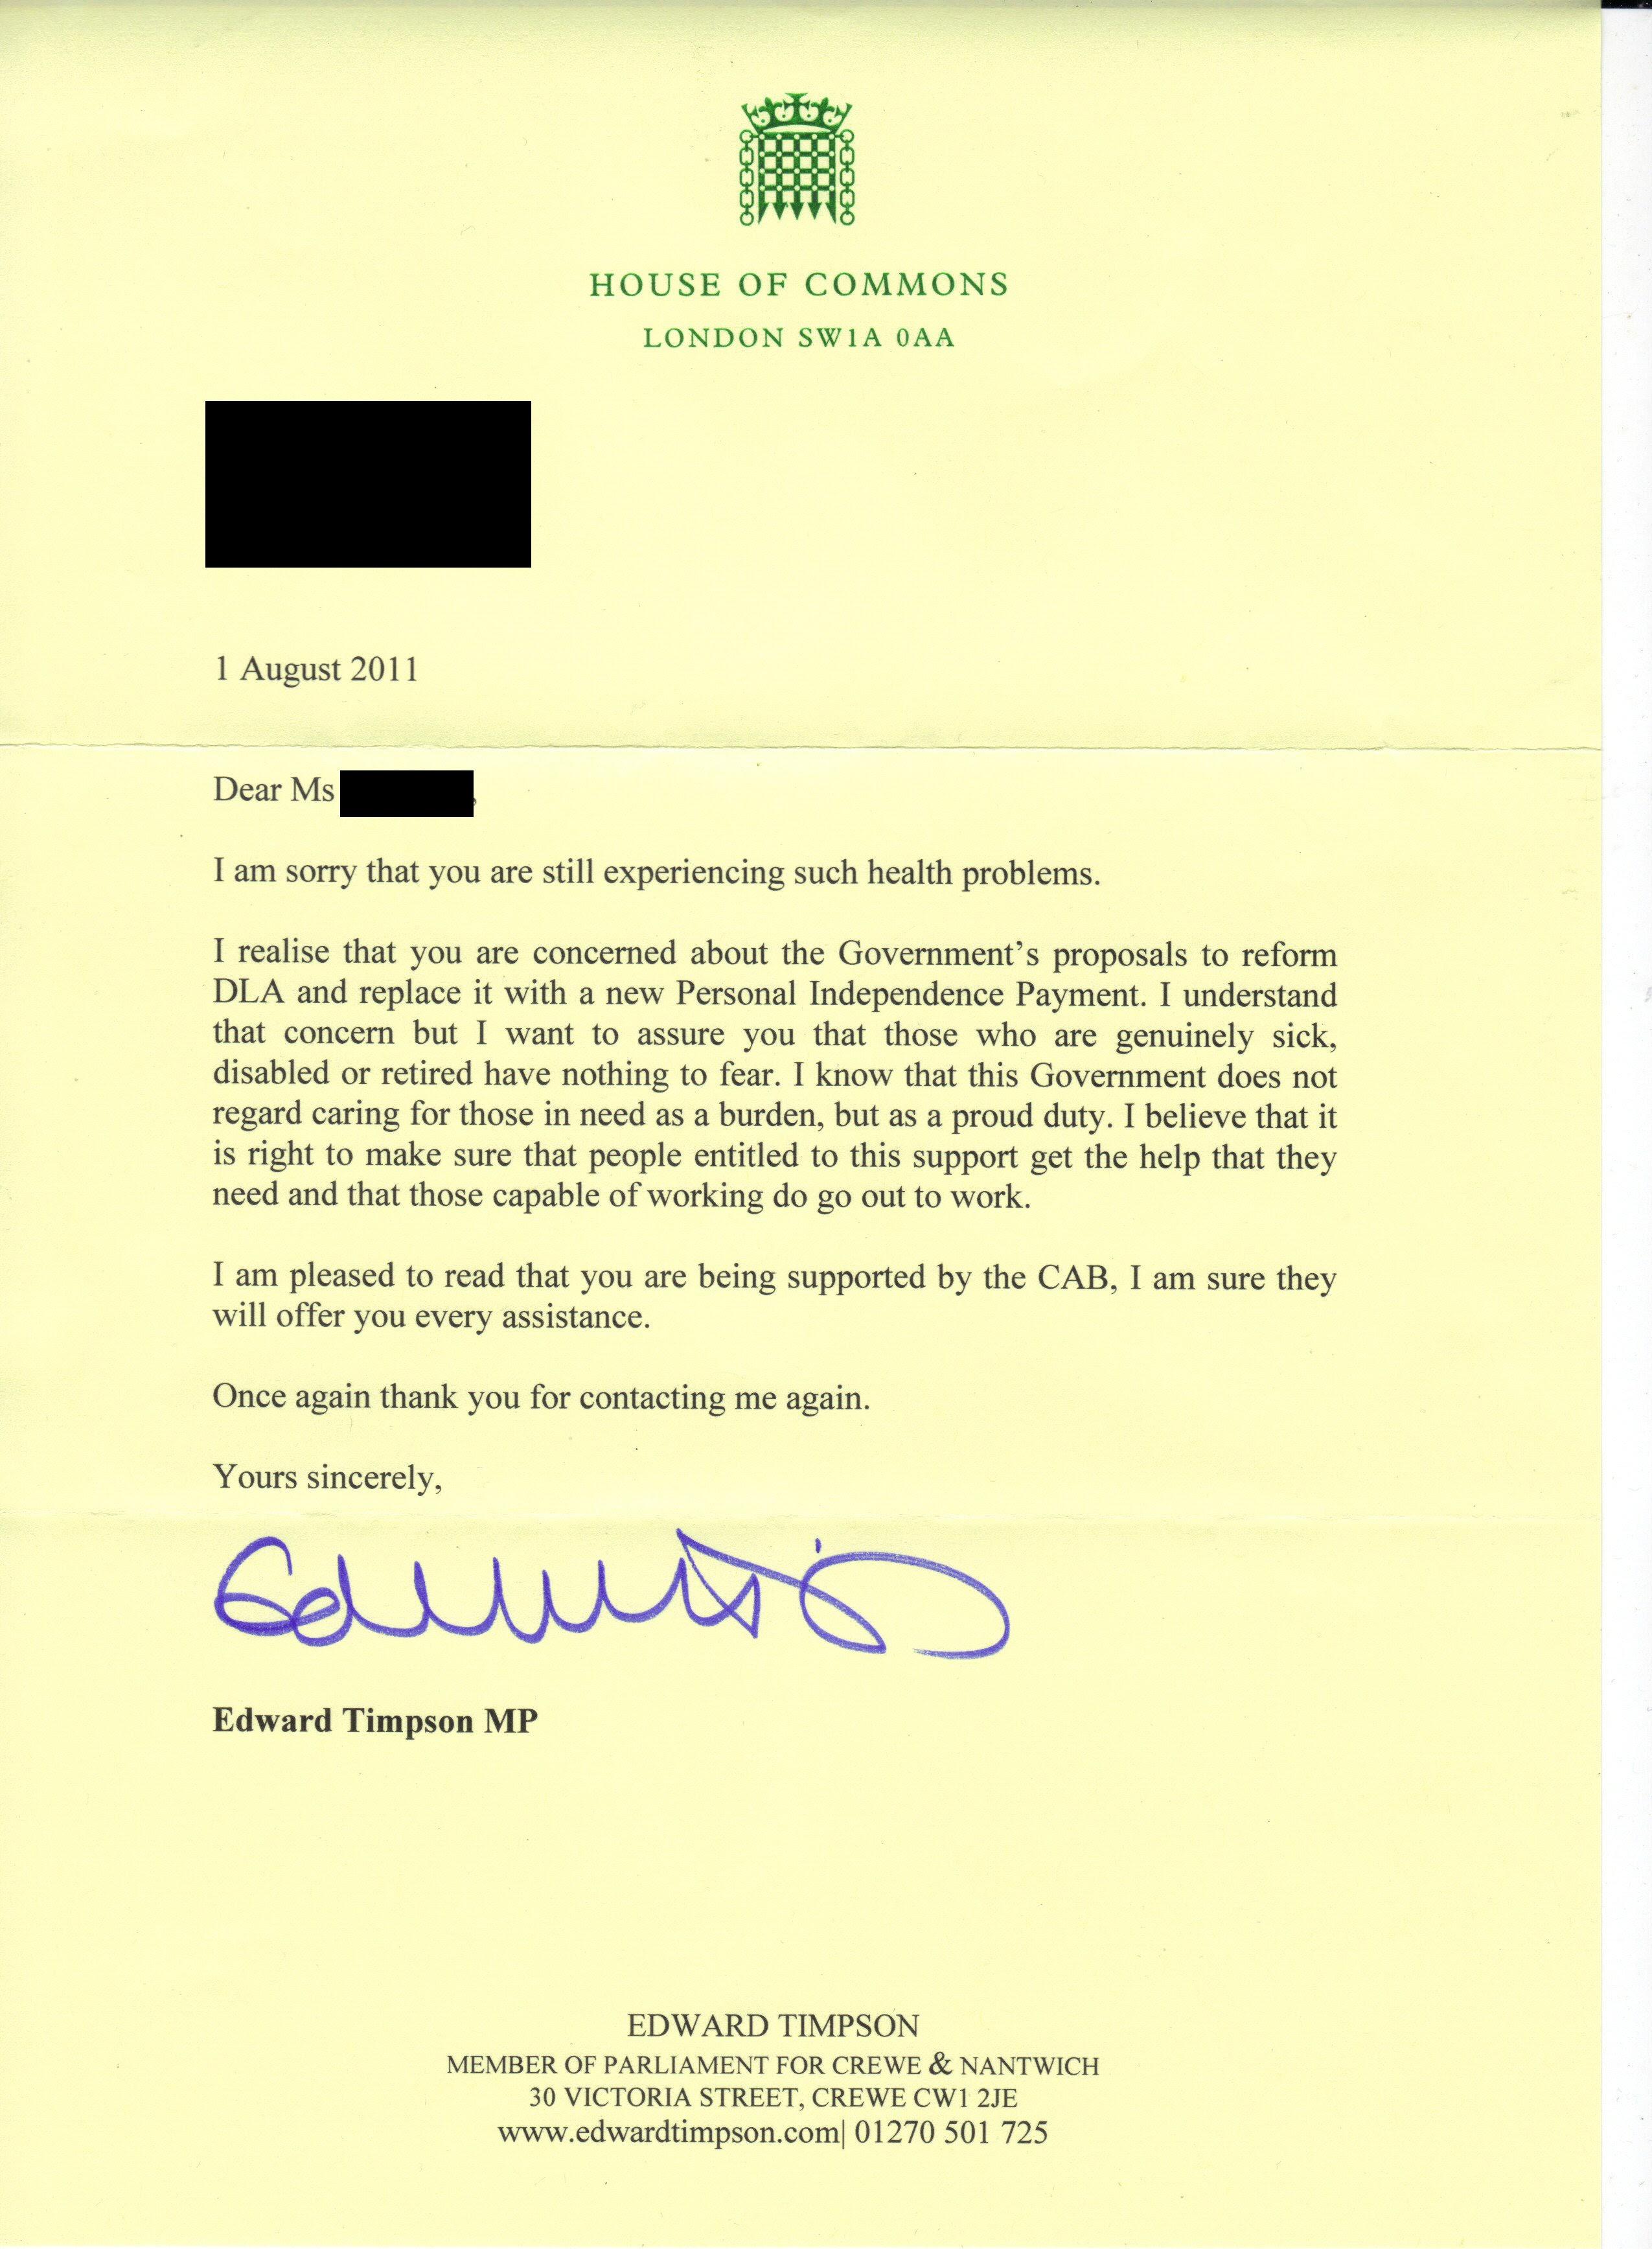 Dear Mrs TeePot: an MP's response